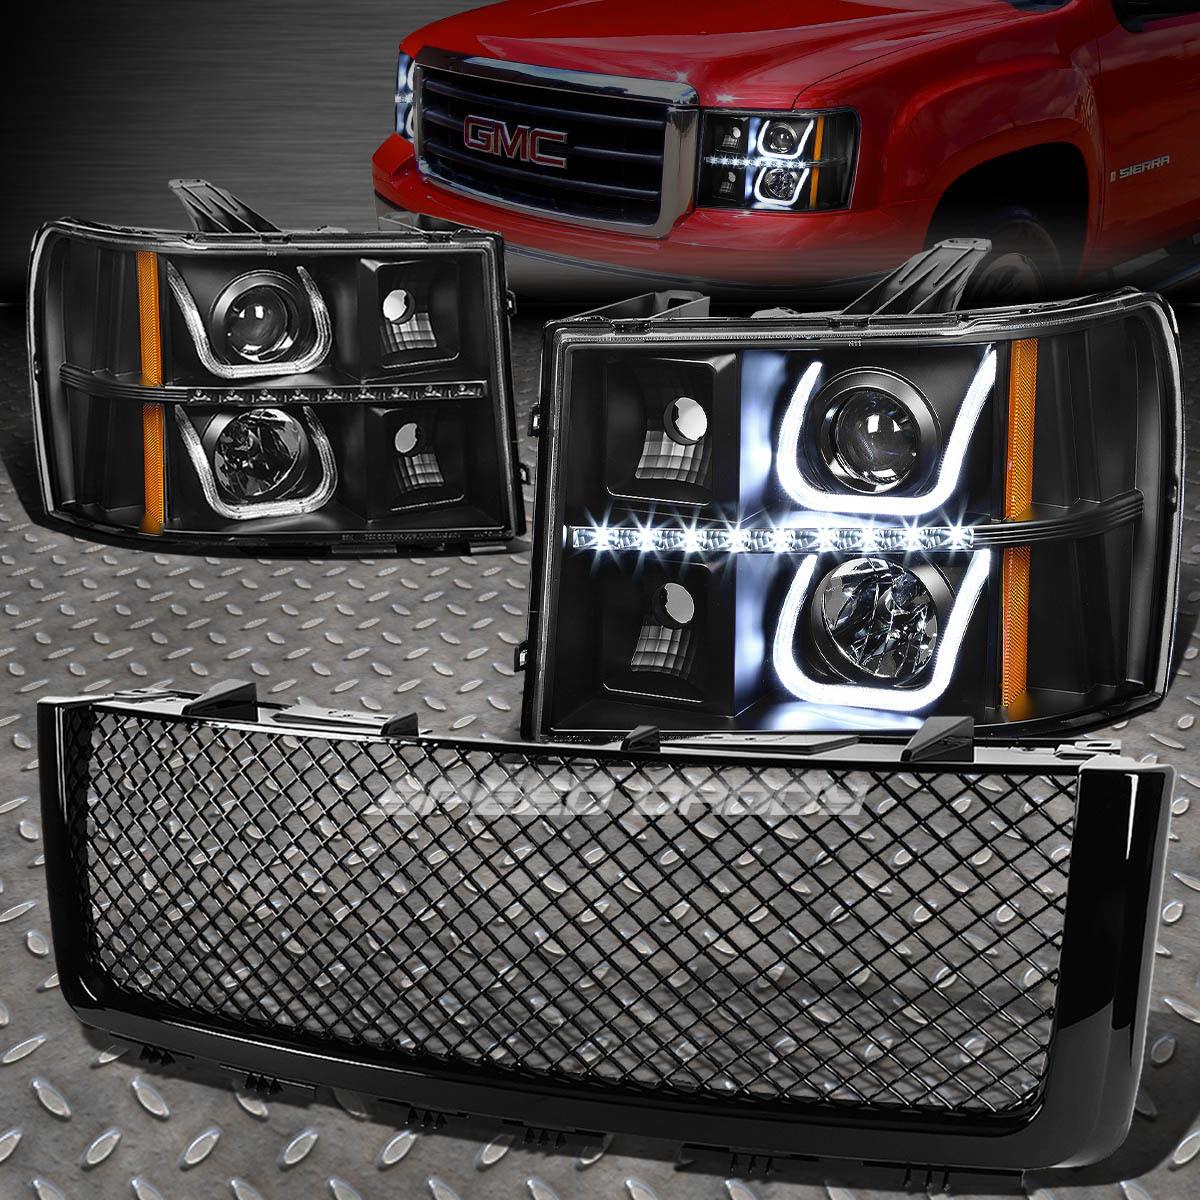 グリル BLACK HALOプロジェクターヘッドライト+ BUMP ER信号+ LED + MES  07 + SIERRA用Hグリルガード BLACK HALO PROJECTOR HEADLIGHT+BUMPER SIGNAL+LED+MESH GRILLE GUARD FOR 07+SIERRA